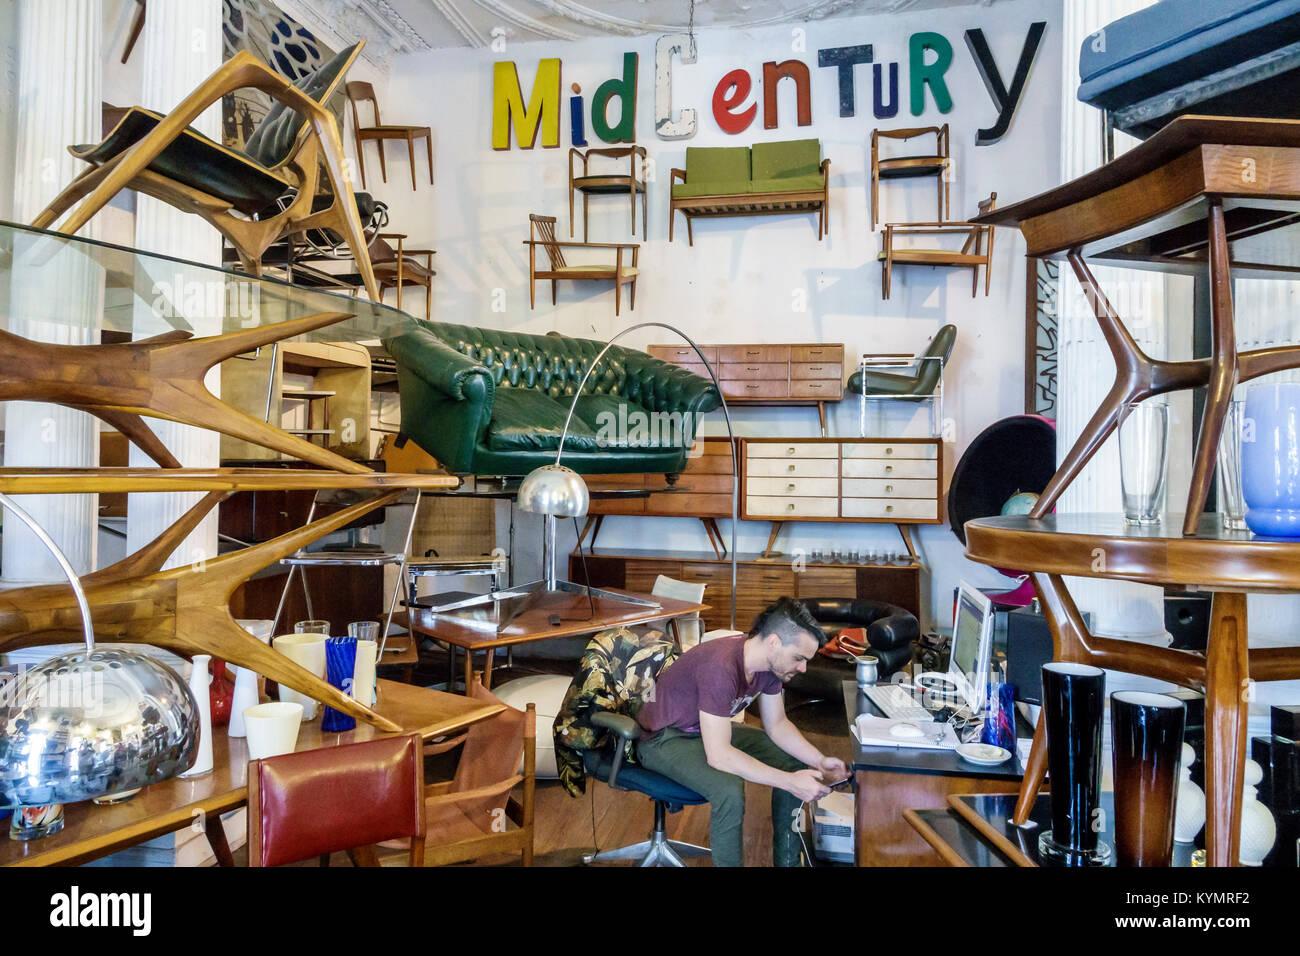 Buenos Aires Argentinien San Telmo Shopping Pasaje De La Defensa Shopping  Galerie Antiquitäten Möbel Moderne Mitte Des Letzten Jahrhunderts Home  Decor ...